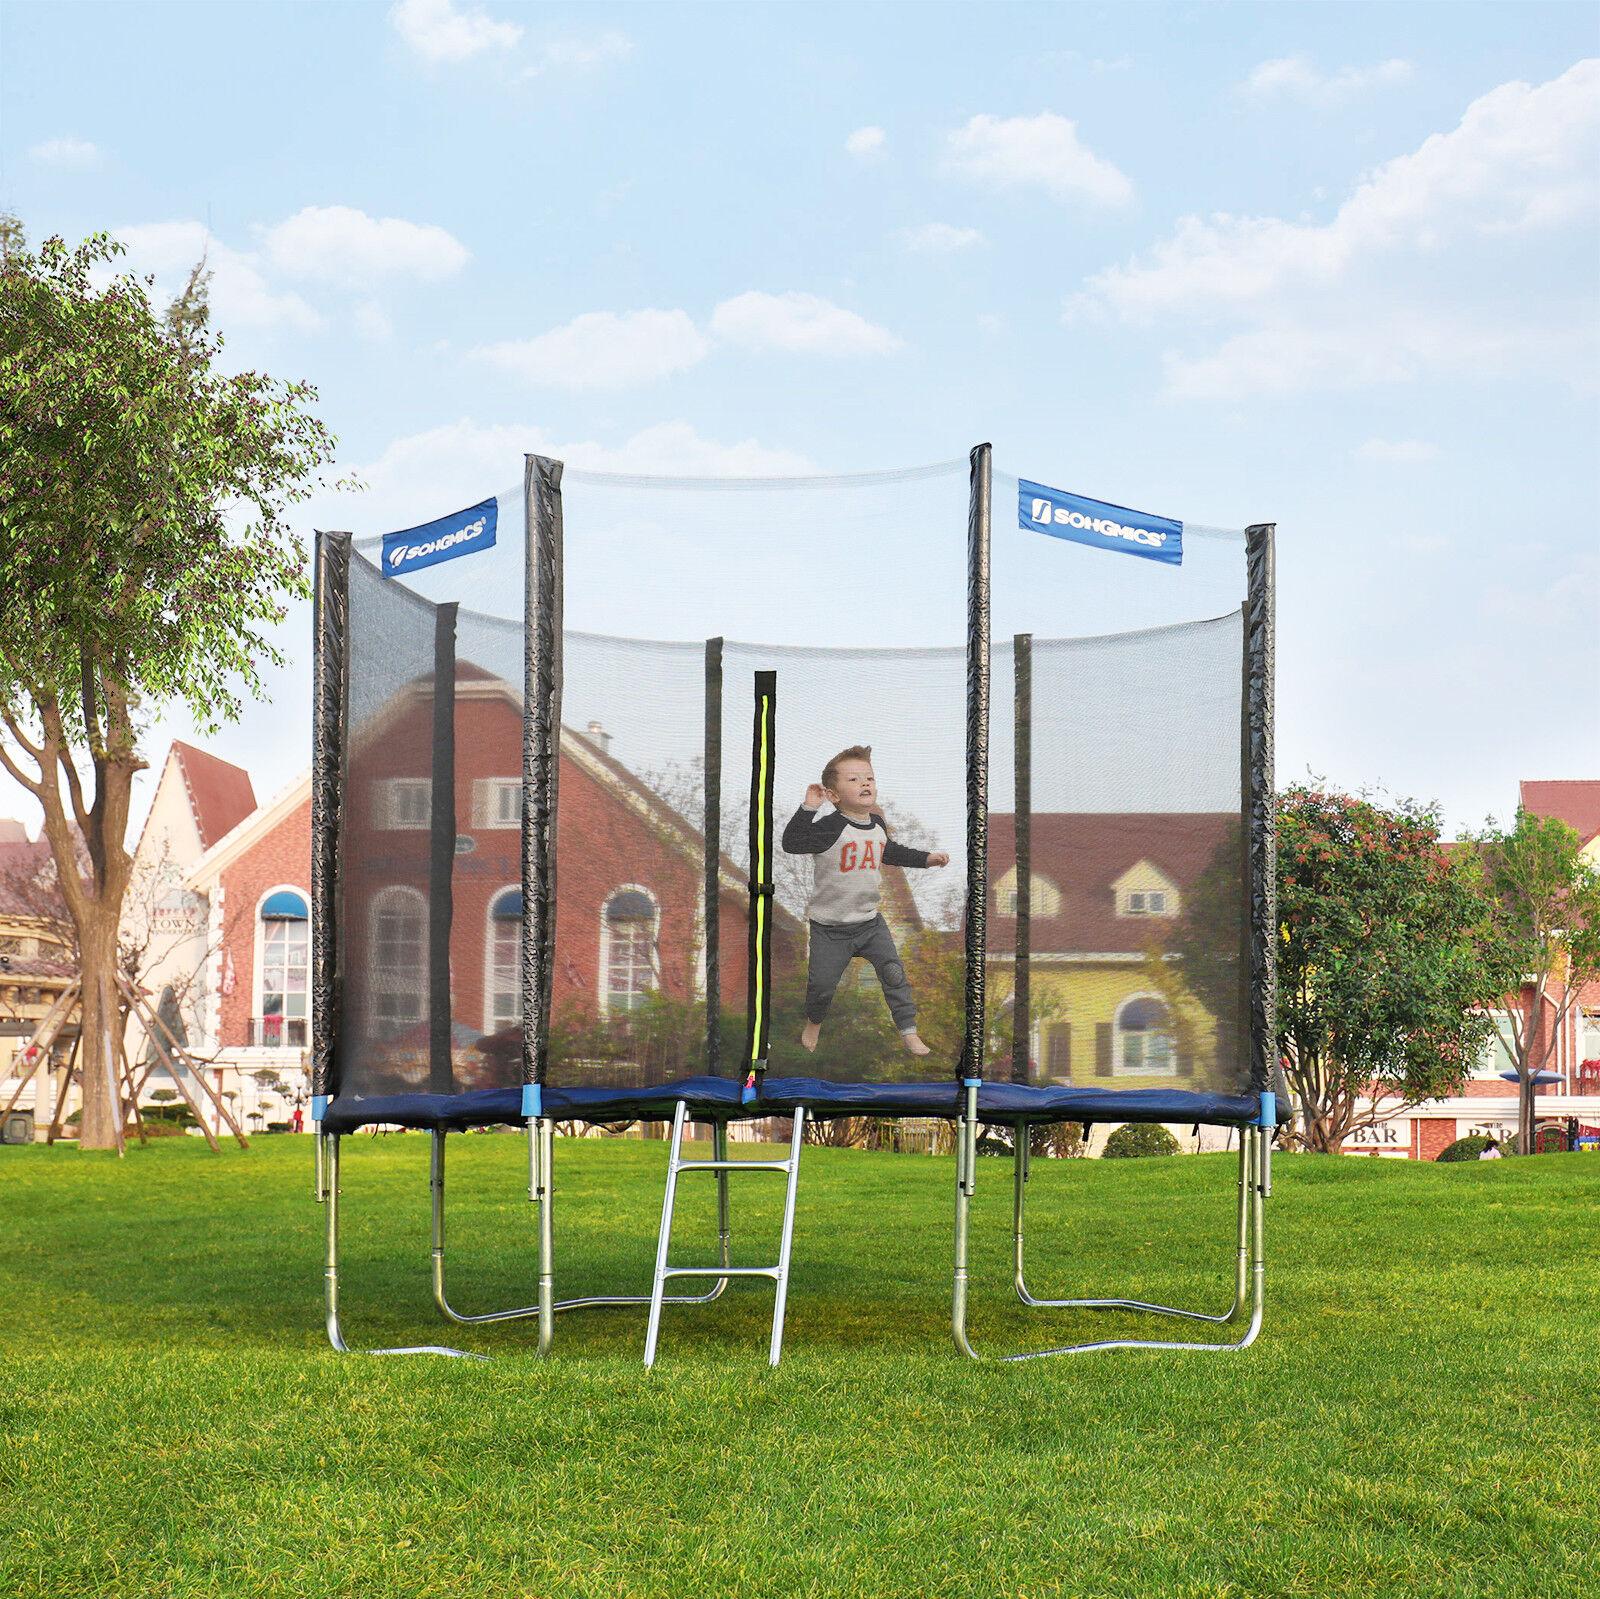 Trampolin Gartentrampolin Zubehör Netz Leiter randabdeckung SET Garten Outdoor